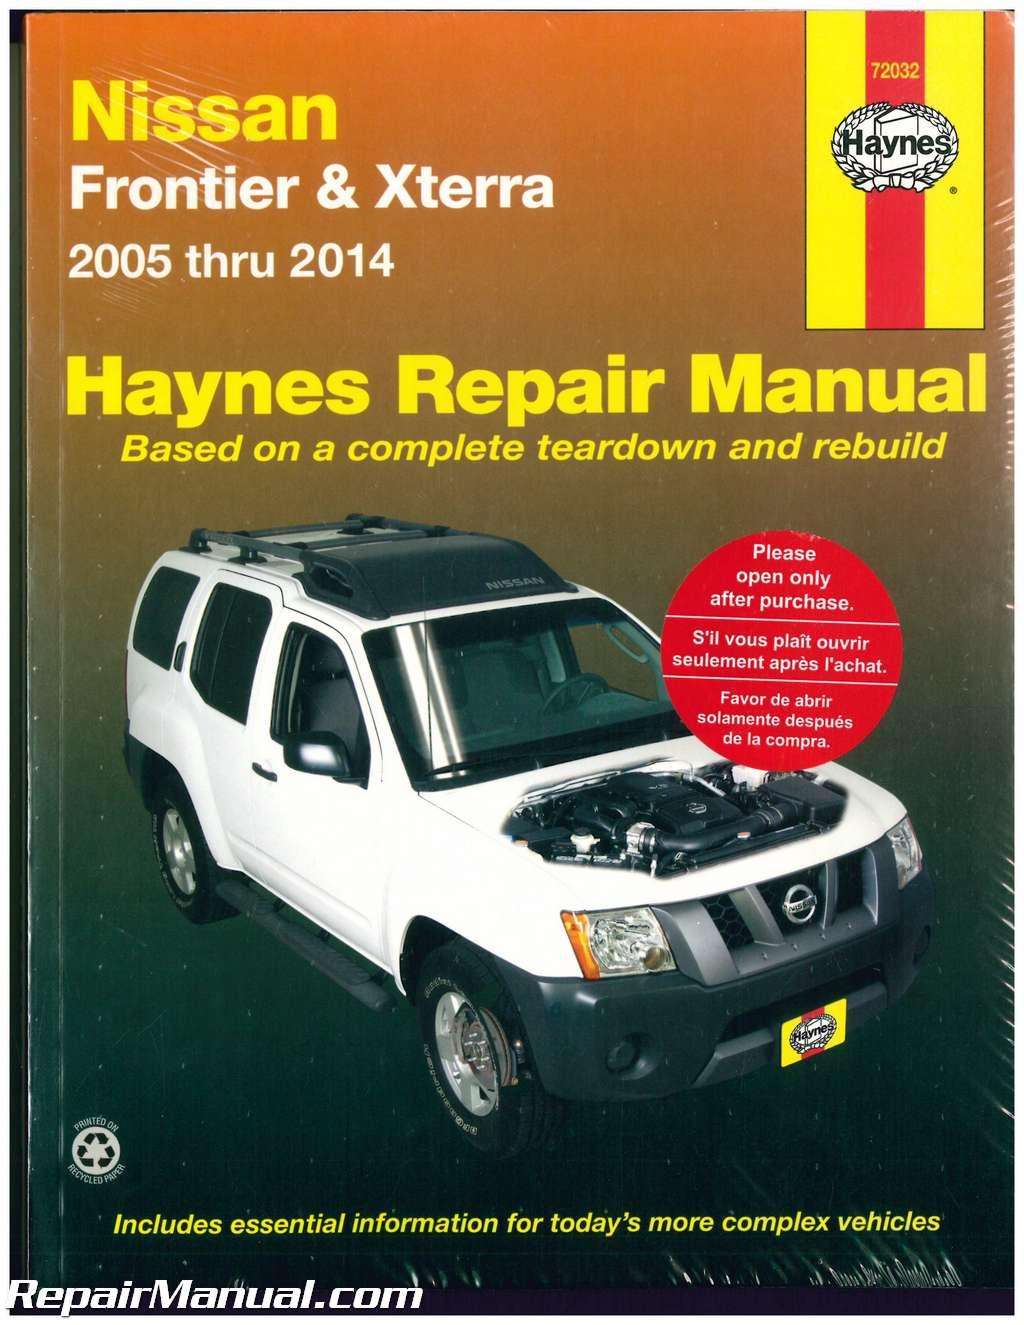 Haynes Nissan Frontier Xterra 2005